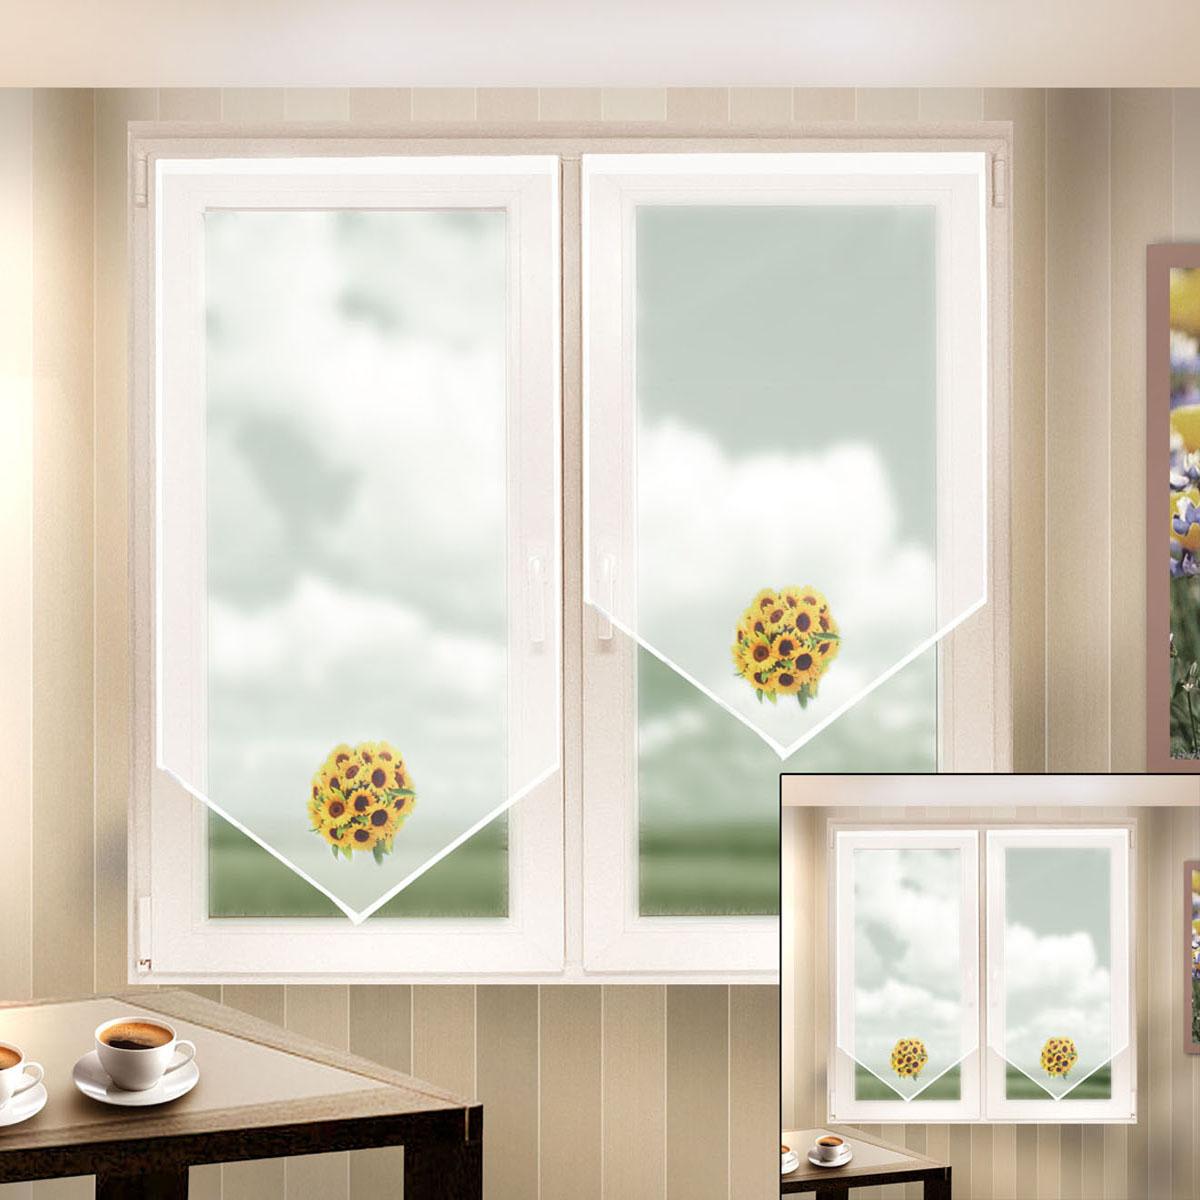 Гардина Zlata Korunka, на липкой ленте, цвет: белый, высота 120 см, 2 шт. 666055-1666055-1Шторы из материала вуаль, для кухни, белого цвета с печатным рисунком. Крепление на липкой ленте, не требующее сверления стен и карниза. Многоразовое и мгновенное крепление. Штора 2 шт.- шир.60 х выс.120Размеры: (ширина 60* высота 120)*2